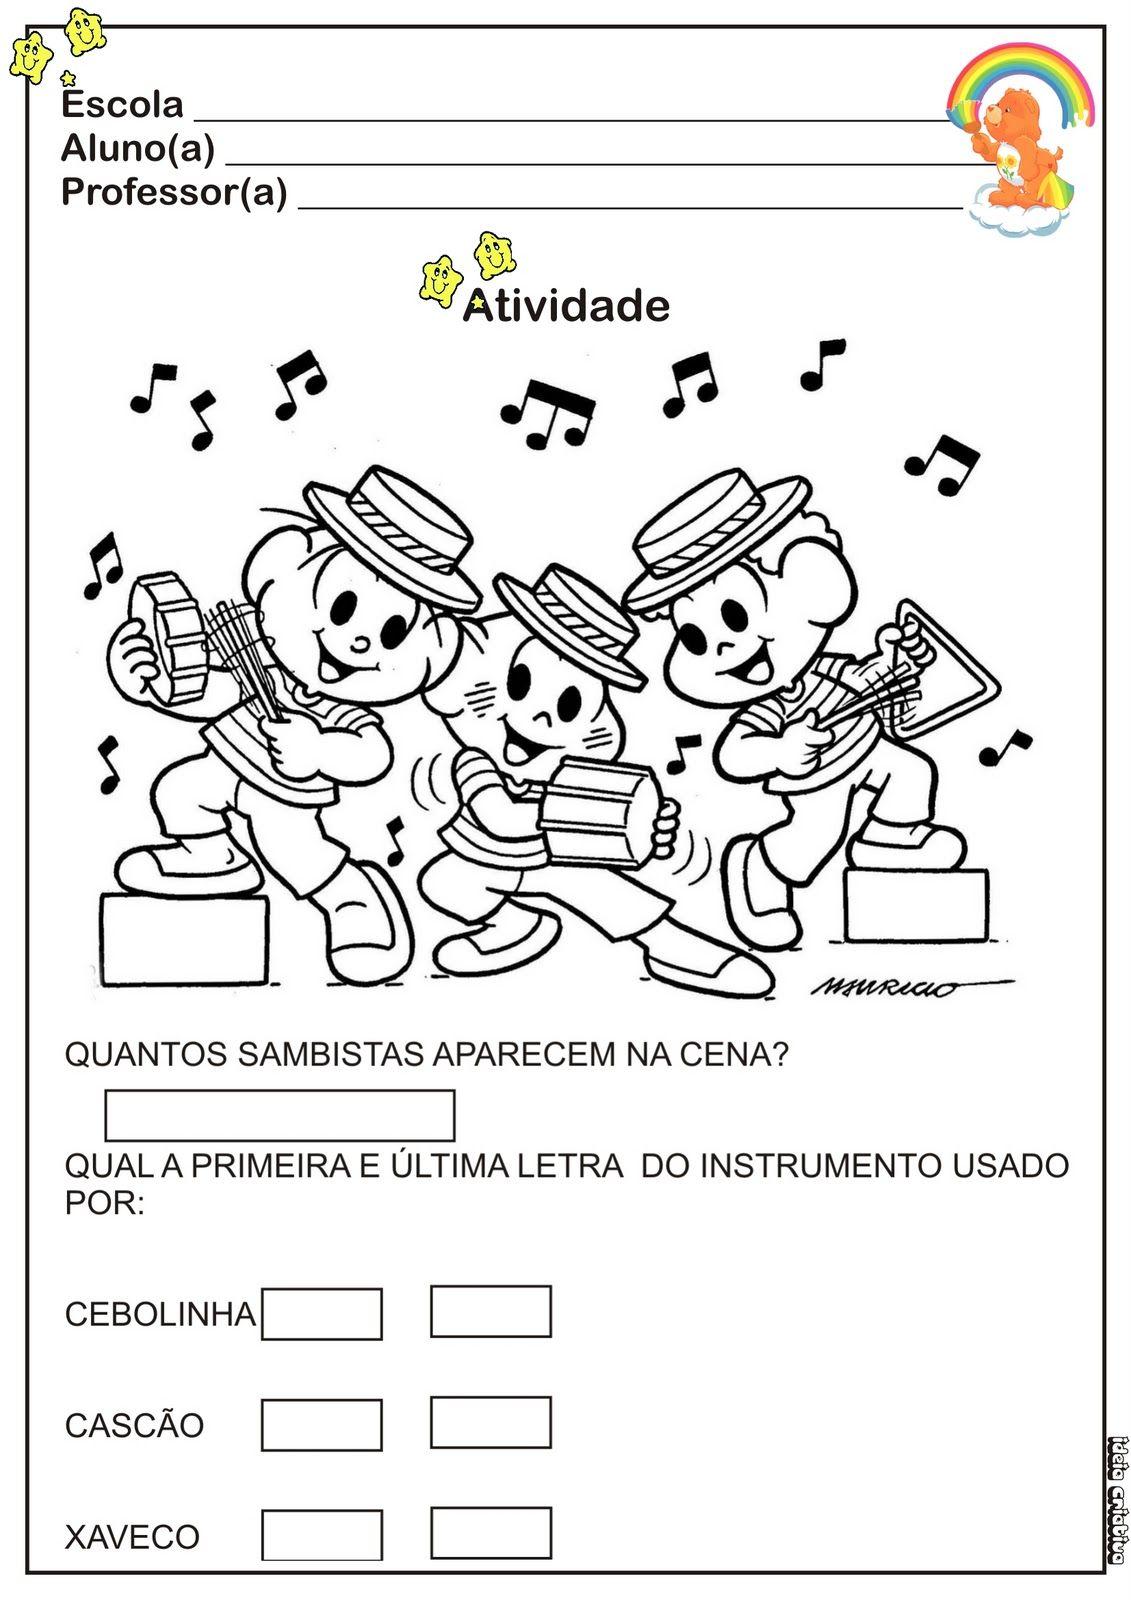 Pin De Wania Nunes Em Segundo Período 2018 Education E Comics